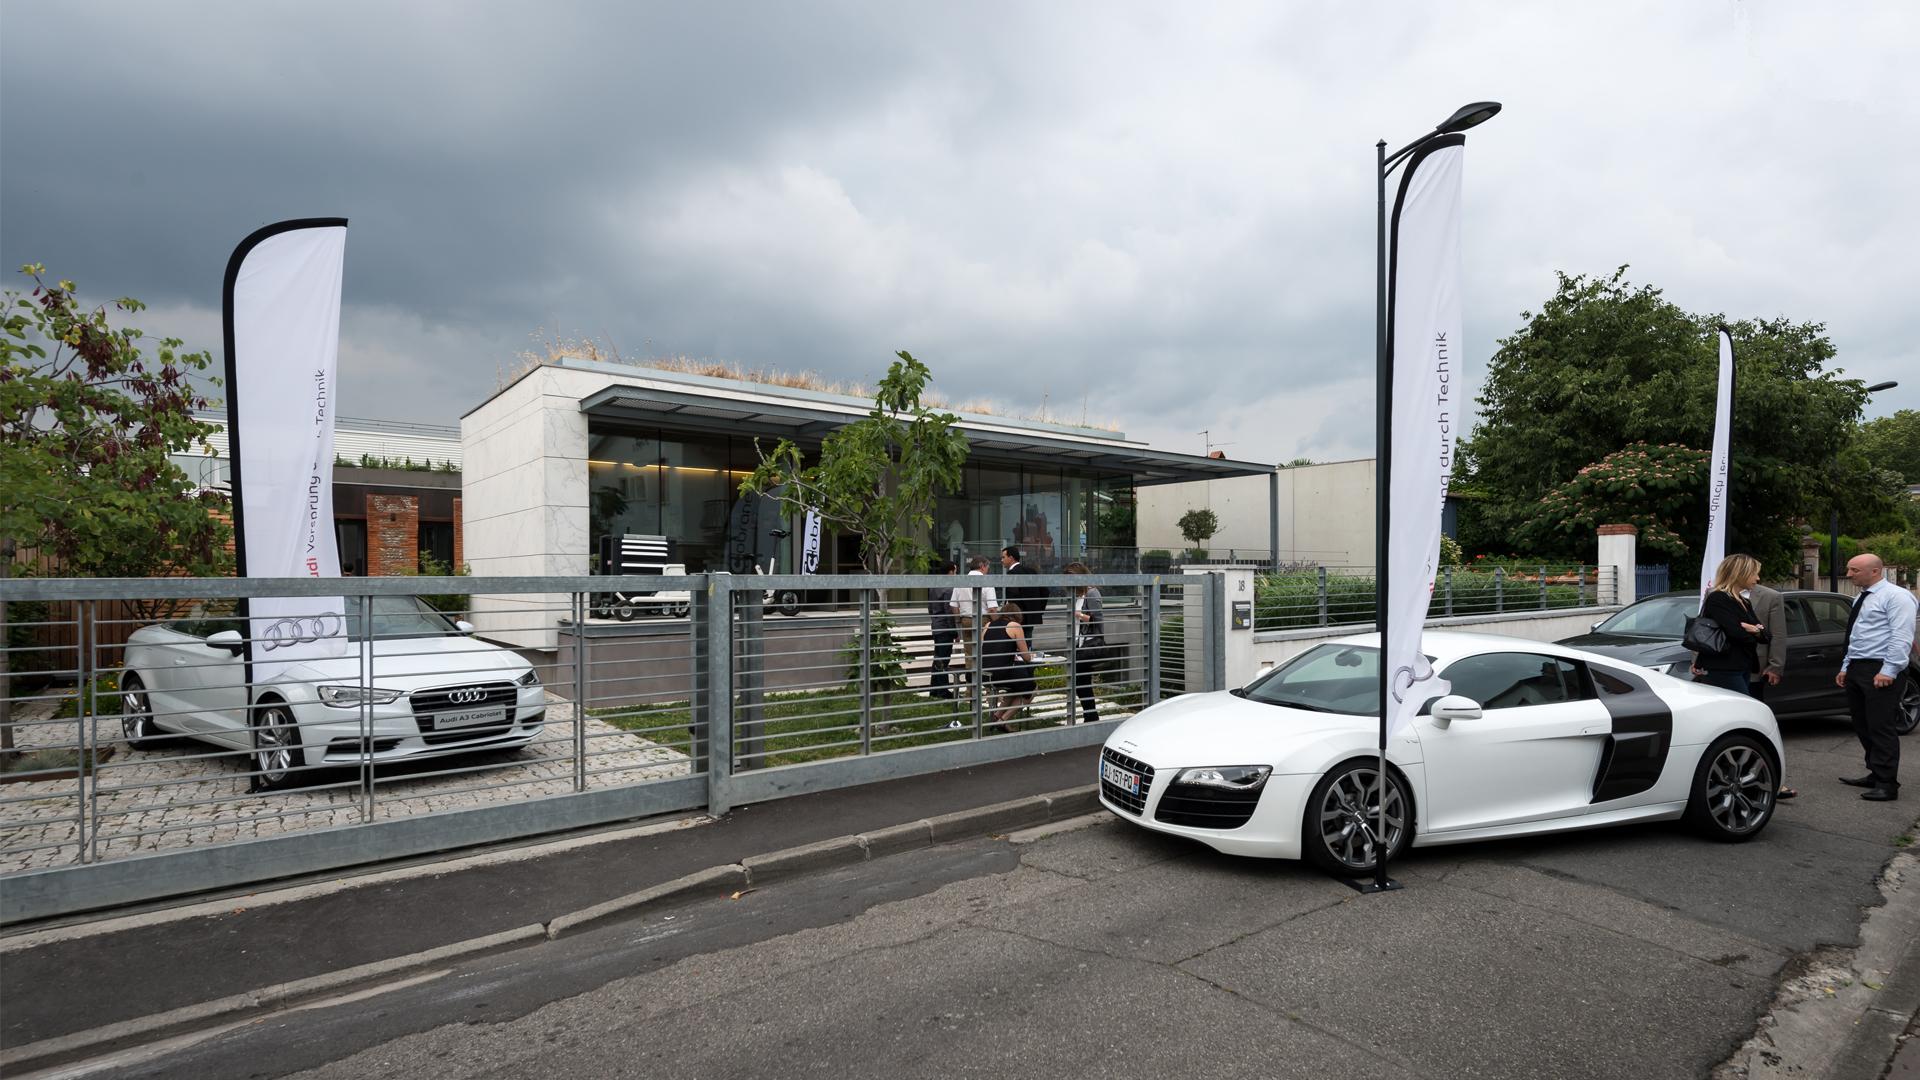 03-seuil-architecture-design-et-mobilité-stéphane-brugidou